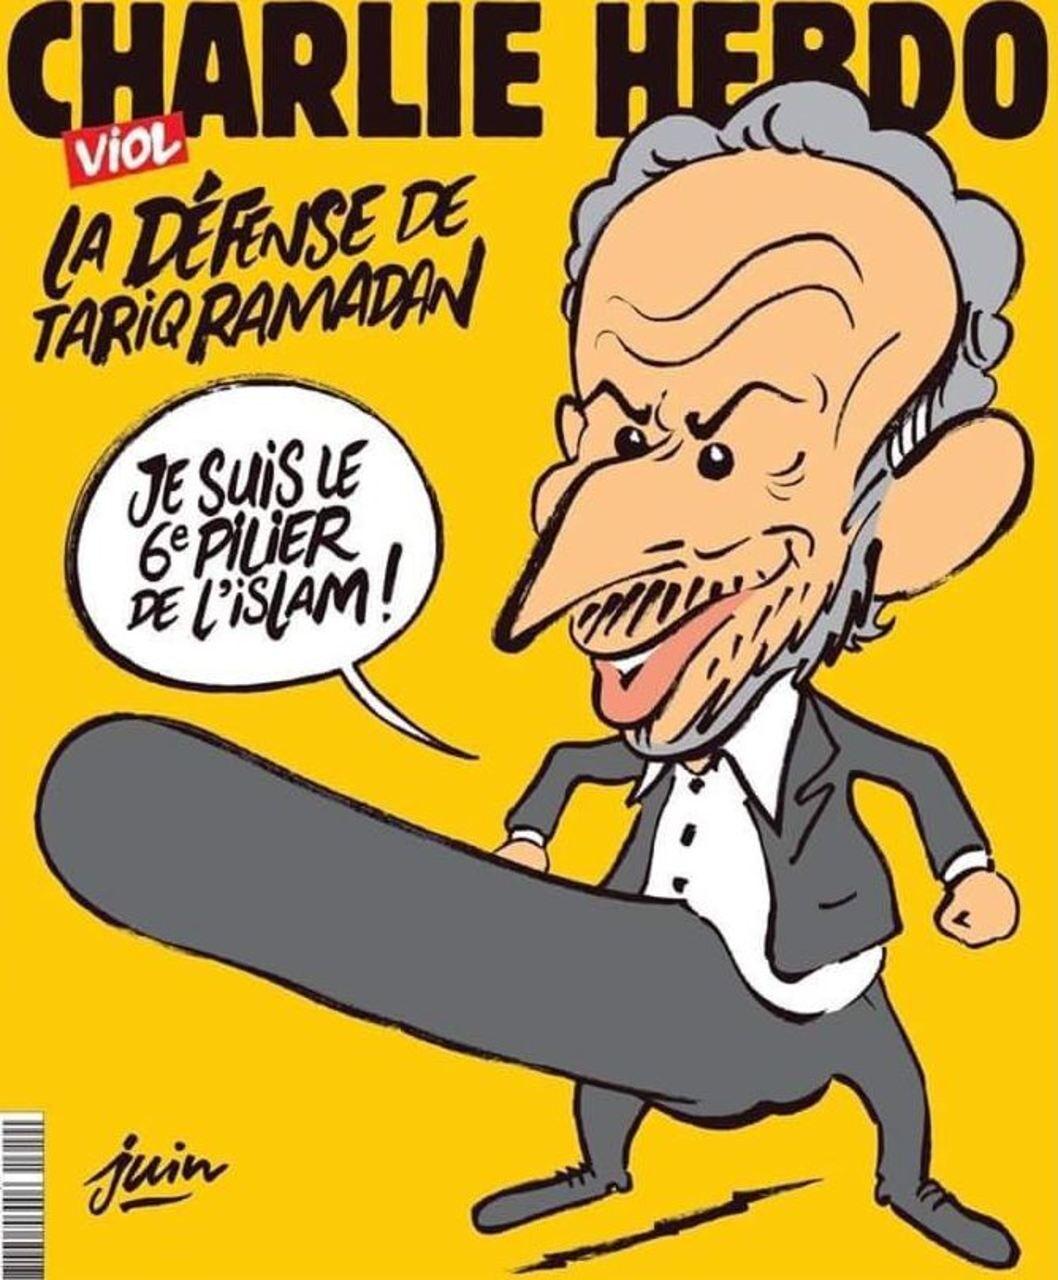 Menaces De Mort Contre Charlie Hebdo Le Parquet Ouvre Une Enquete Le Parisien